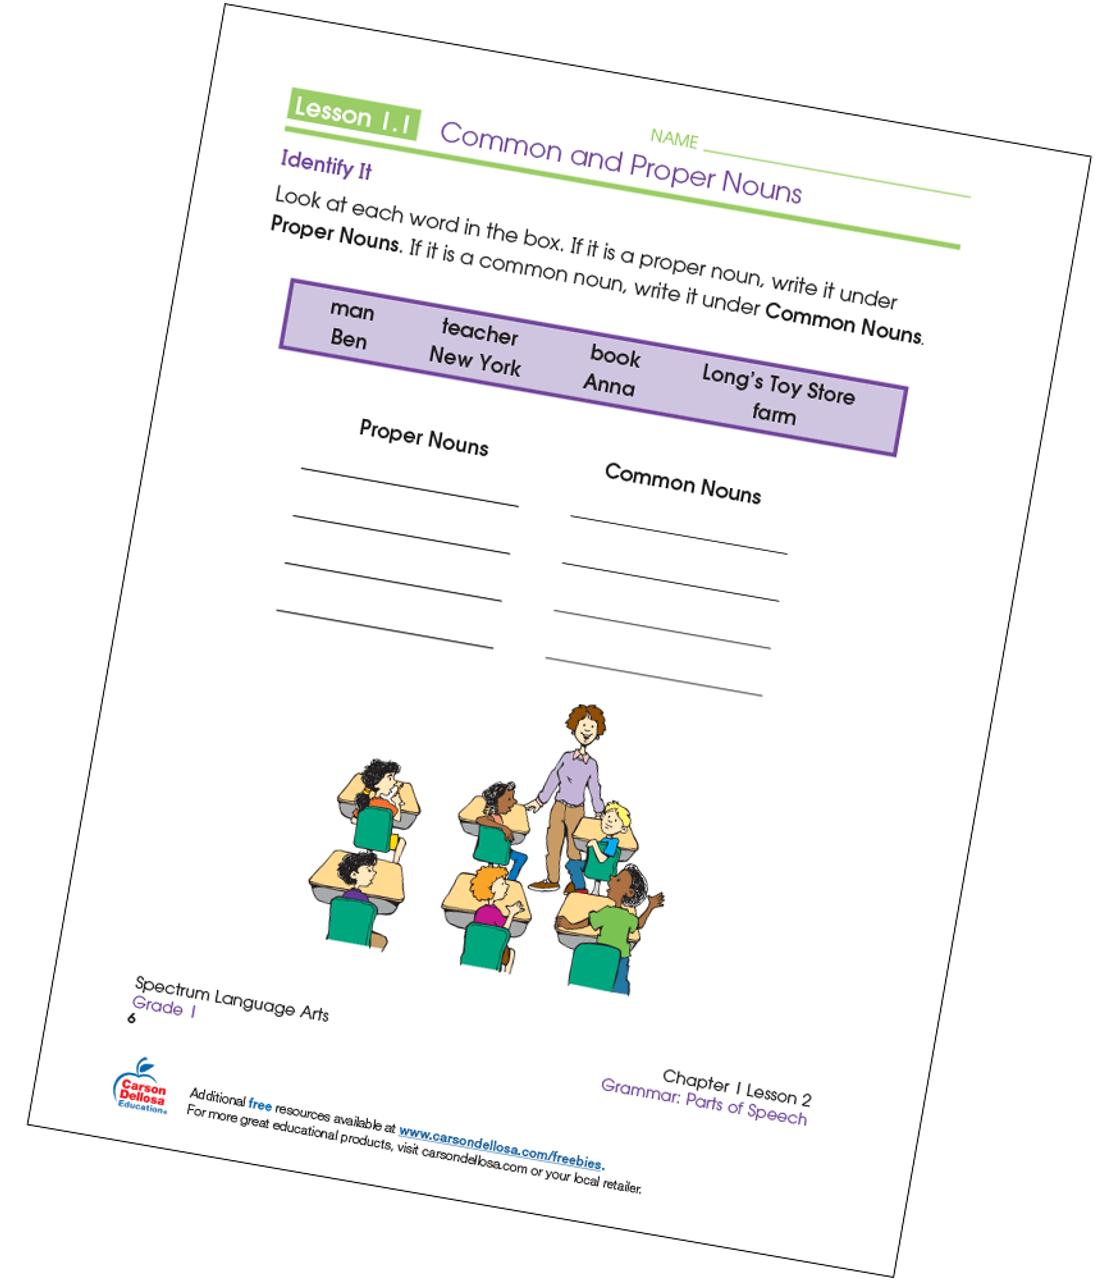 Identifying Common and Proper Nouns Grade 1 Free Printable   Carson Dellosa [ 1280 x 1120 Pixel ]